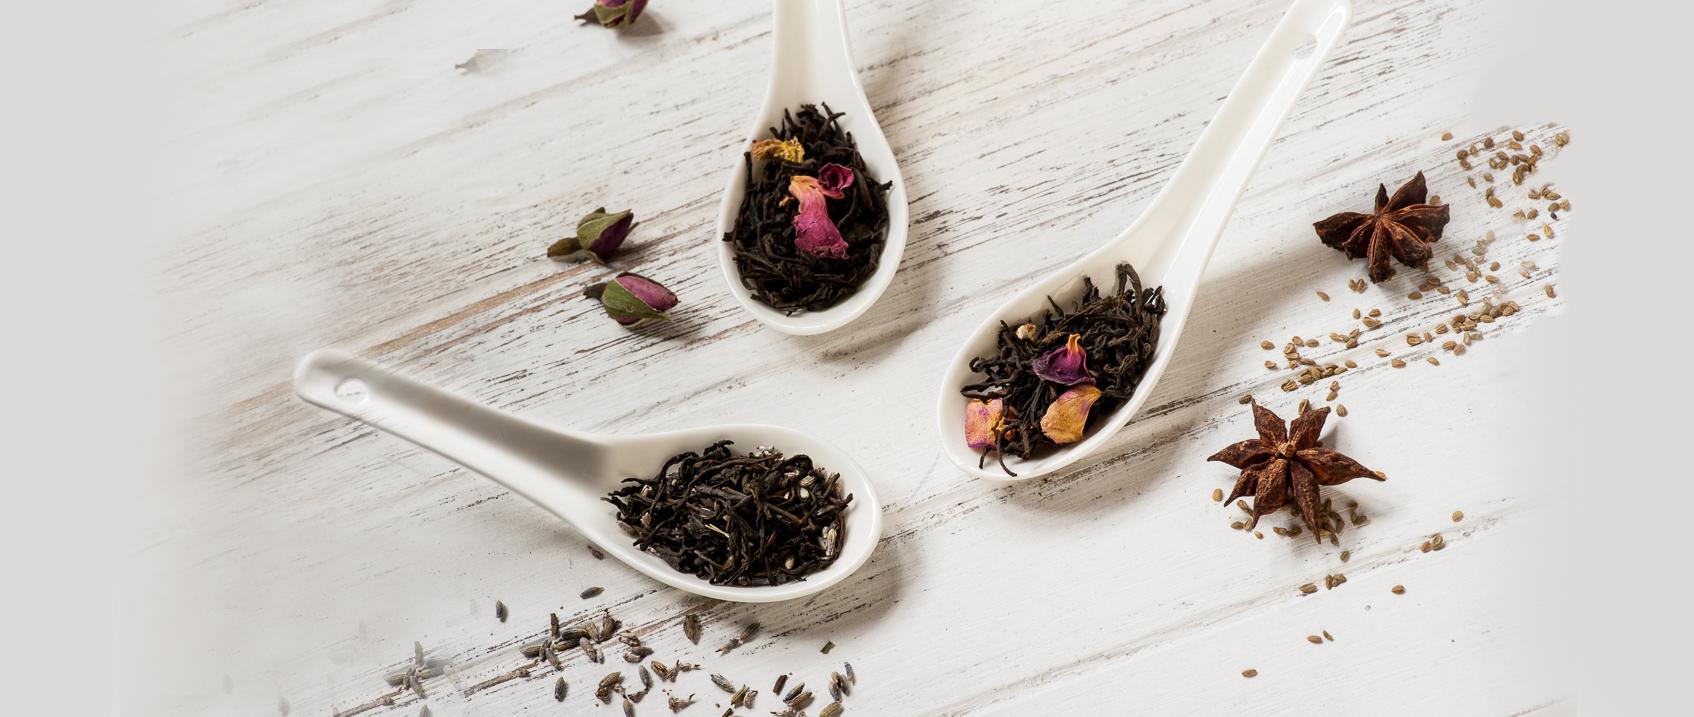 Buy Loose Tea Online - Teabury